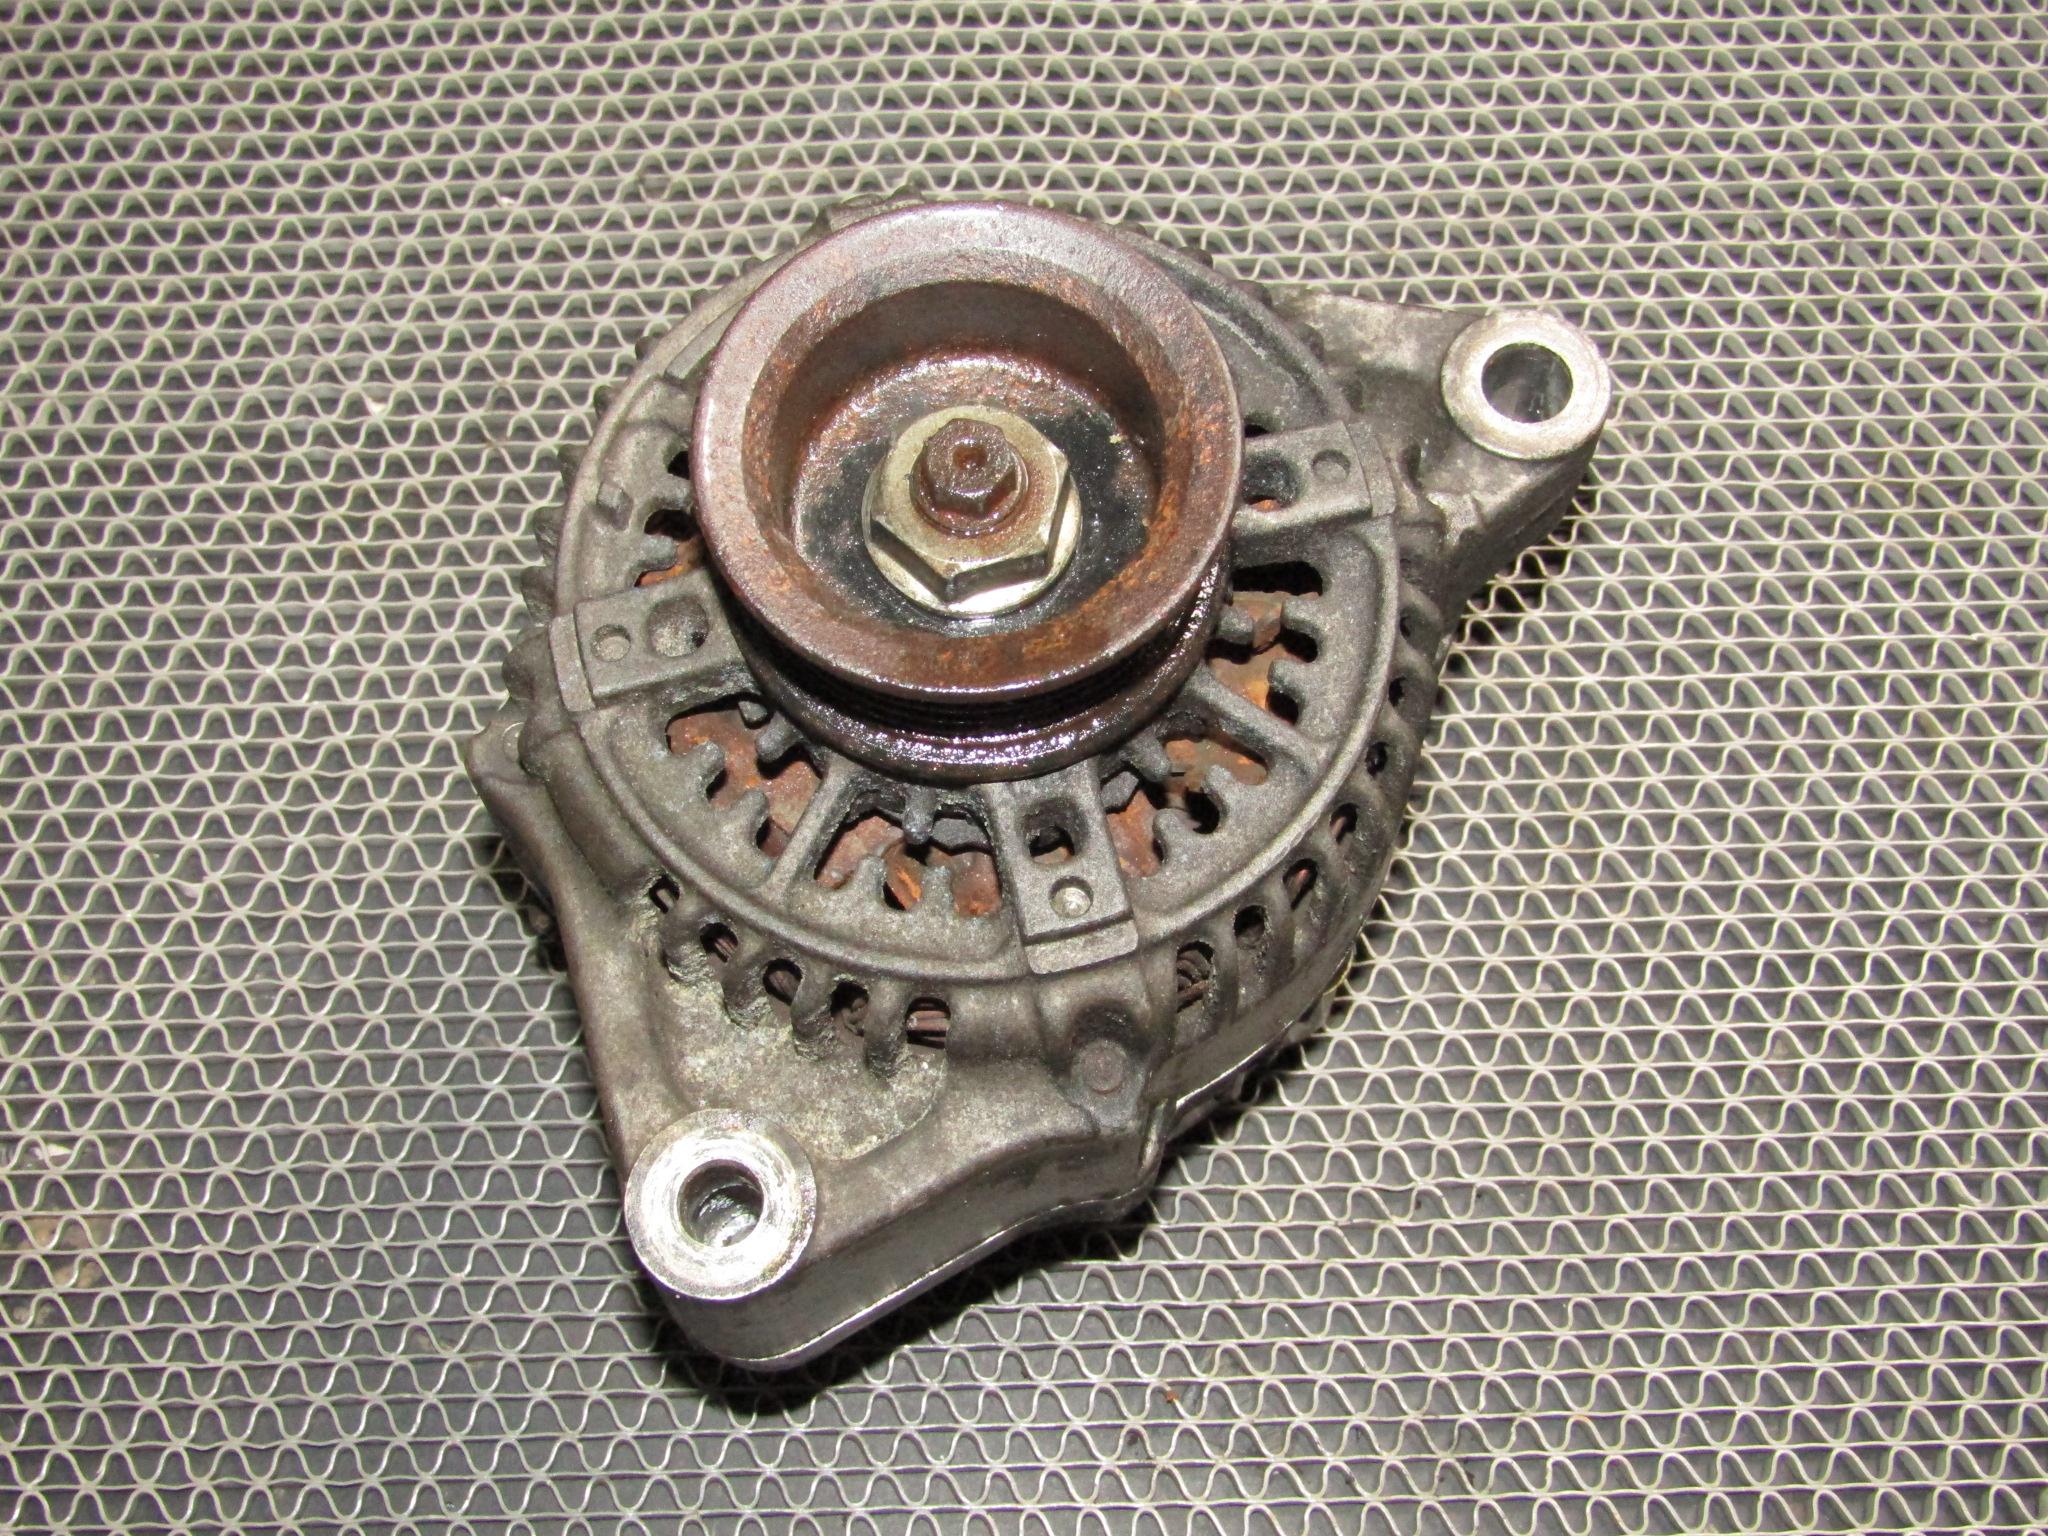 1991年丰田皇冠2jz-ge 发电机